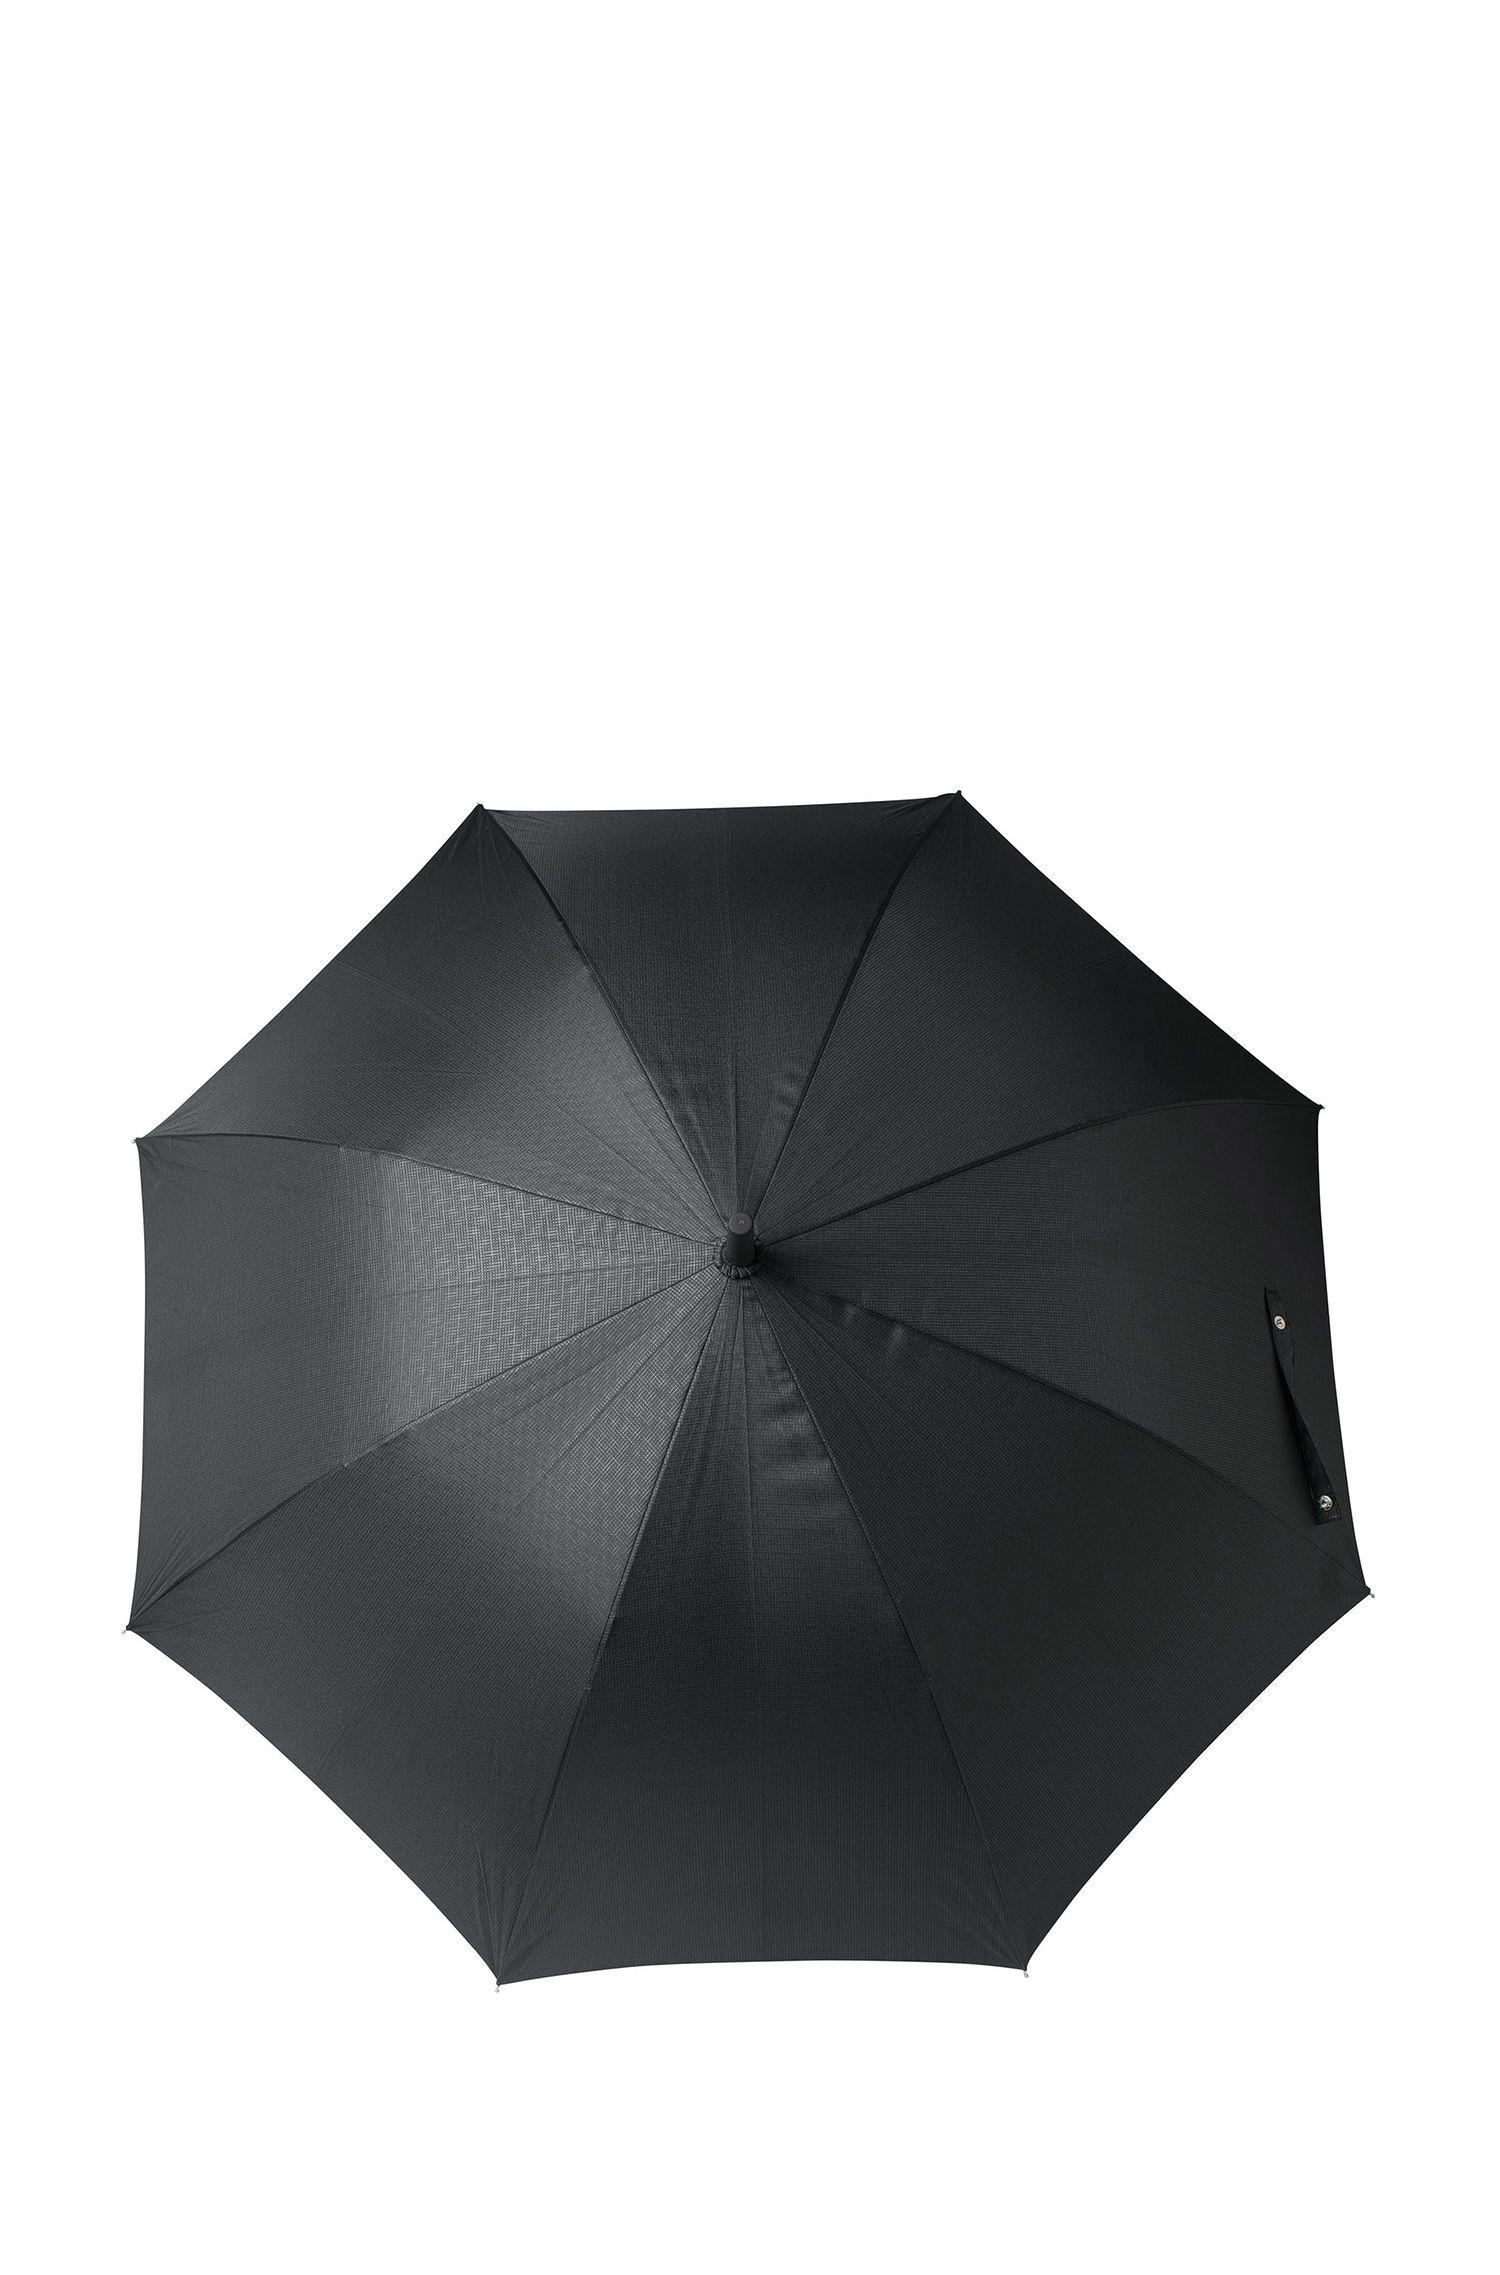 Parapluie avec ouverture automatique, noir à motif